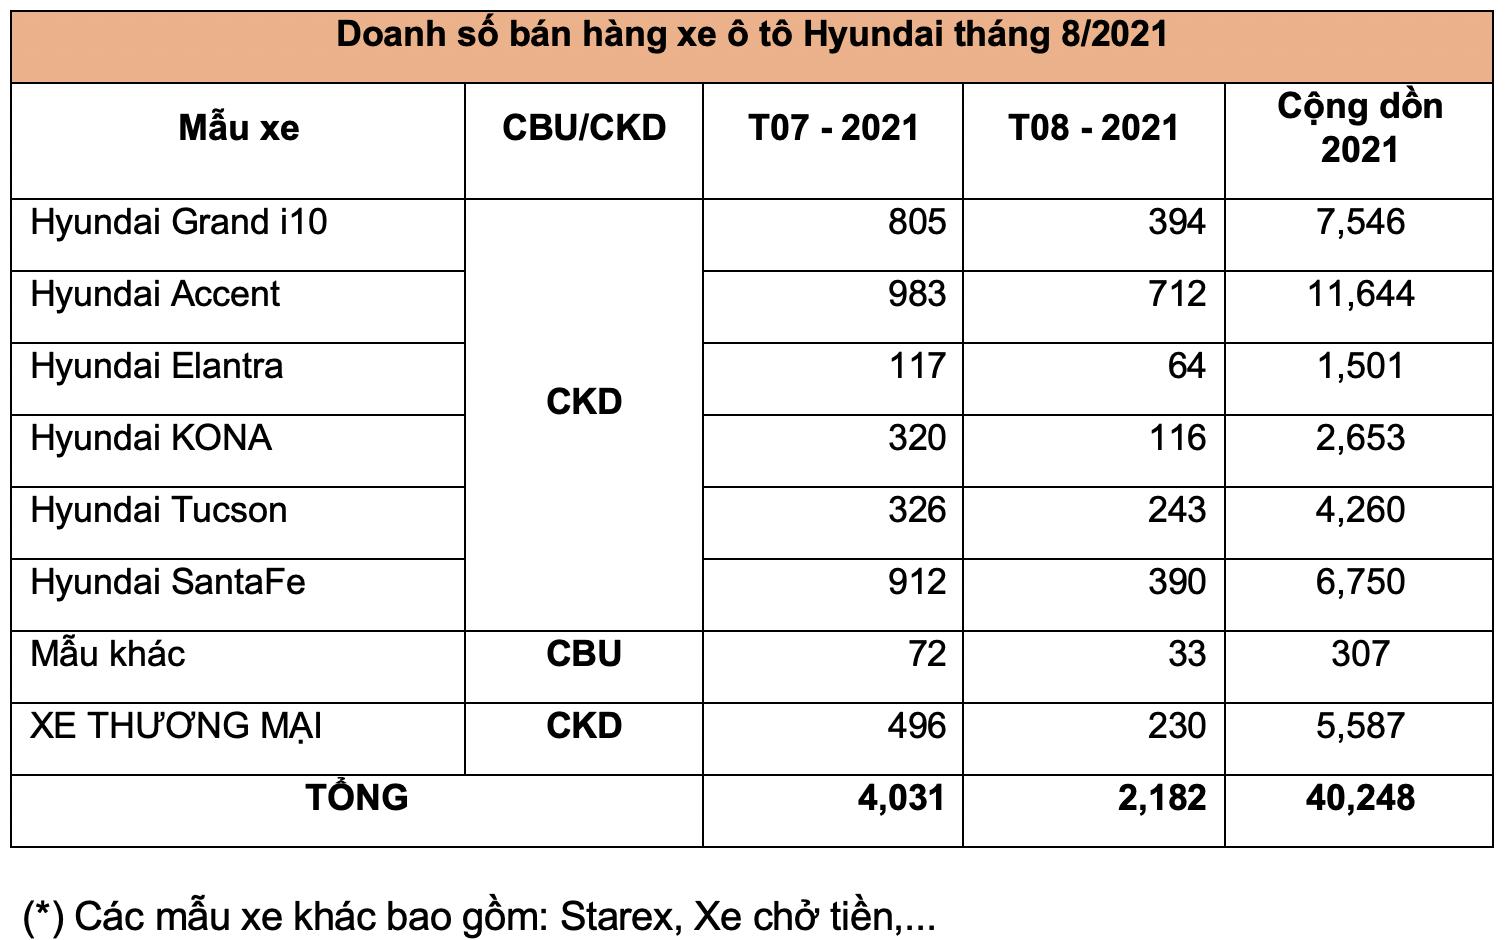 Tháng 8/2021: Doanh số xe Hyundai sụt giảm mạnh screen-shot-2021-09-10-at-23716-pm.png